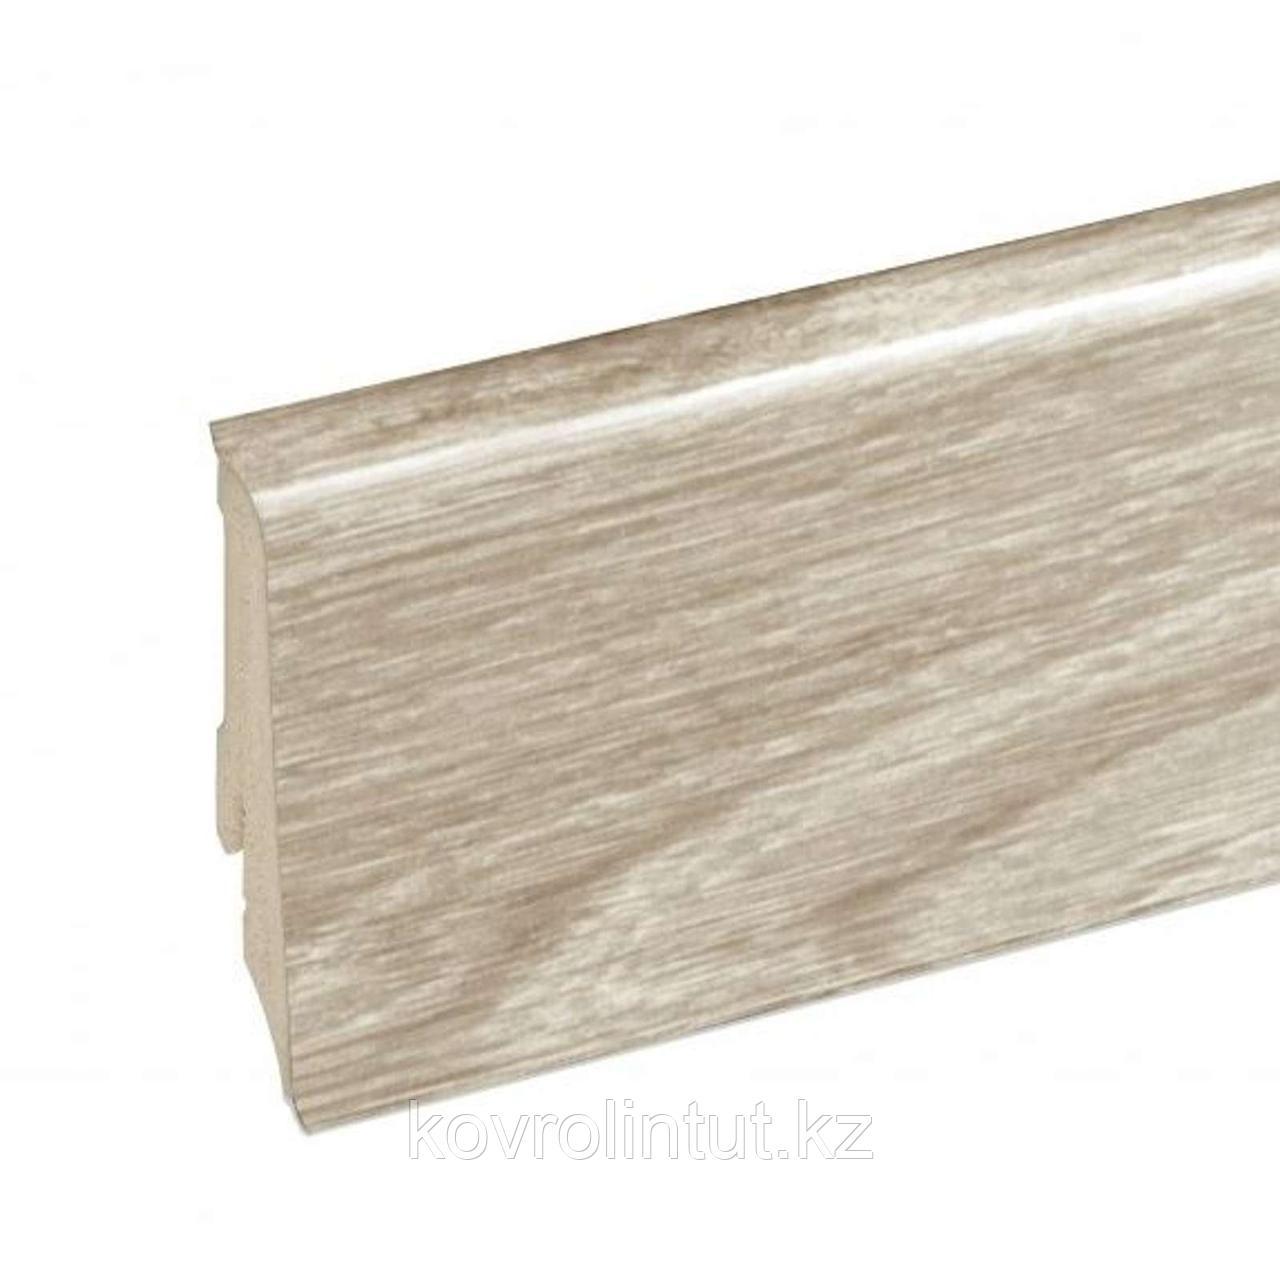 Плинтус композитный для LVT Neuhofer Holz, K0210L, 714491, 2400х59х17 мм